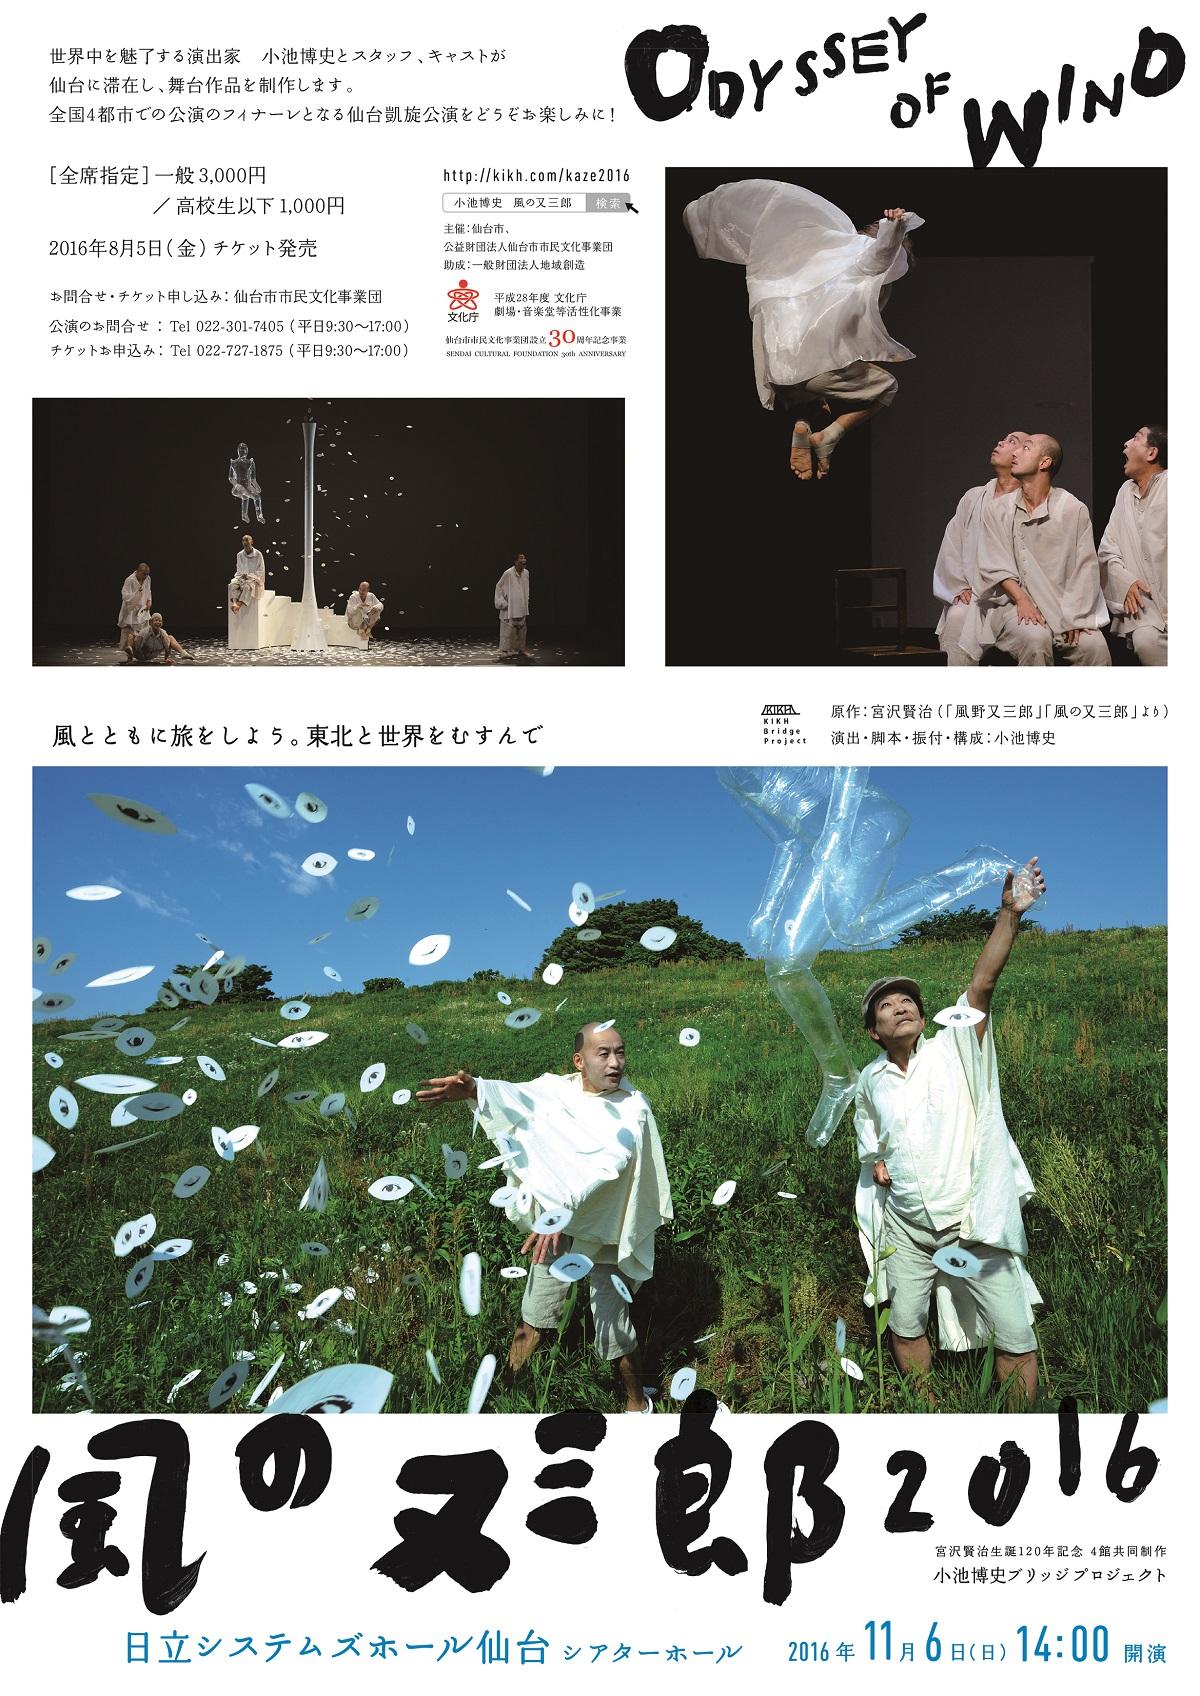 小池博史ブリッジプロジェクト『風の又三郎2016-ODYSSEY OF WIND ...